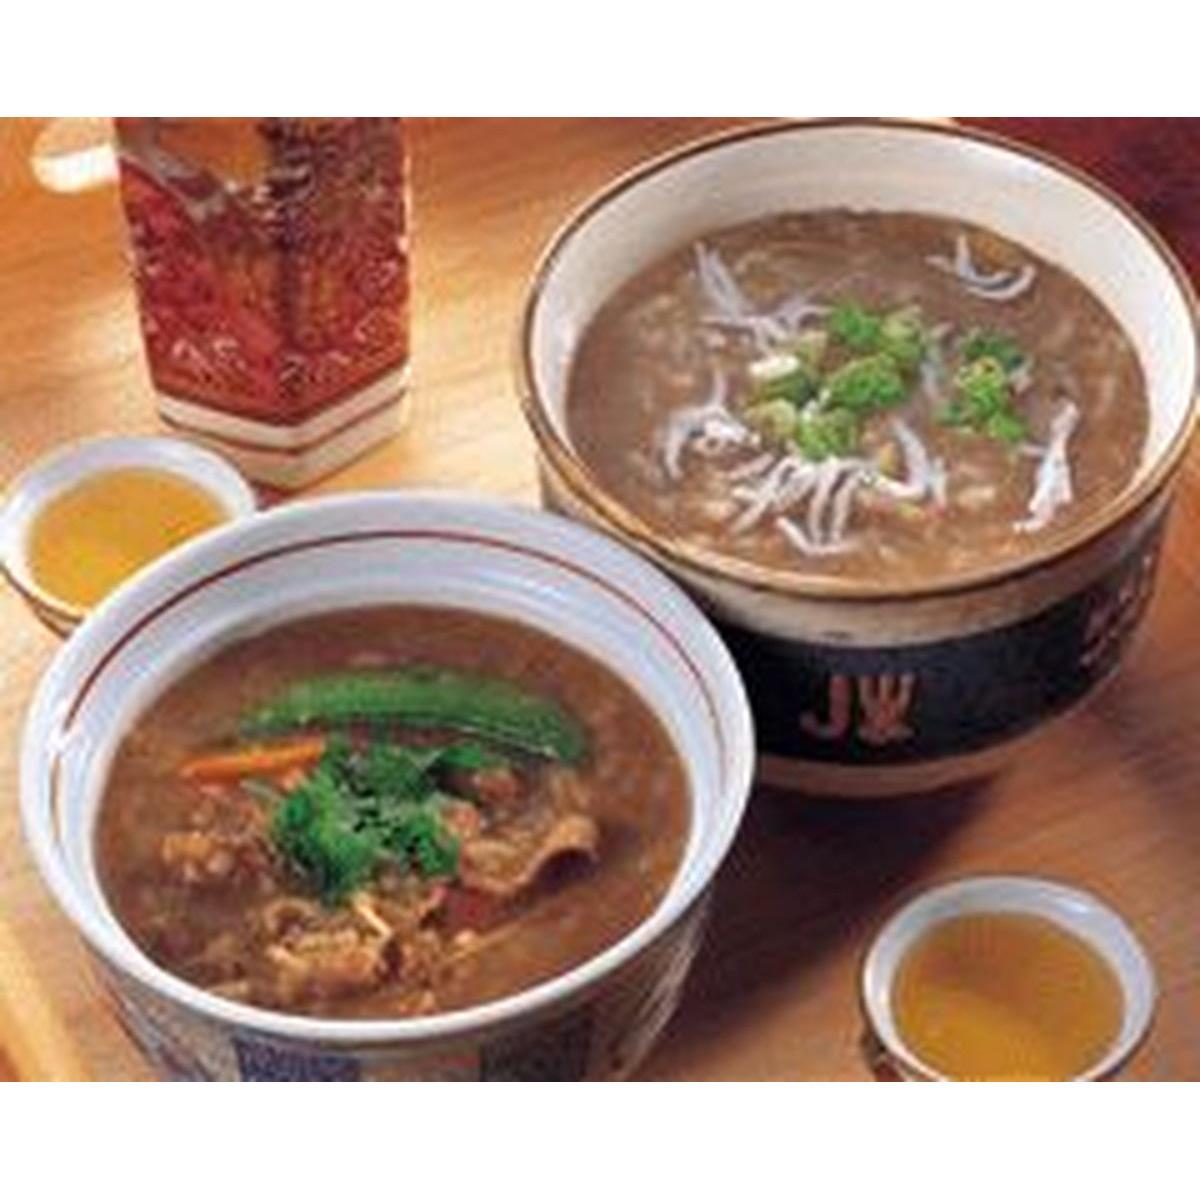 食譜:天王補心羊肉粥